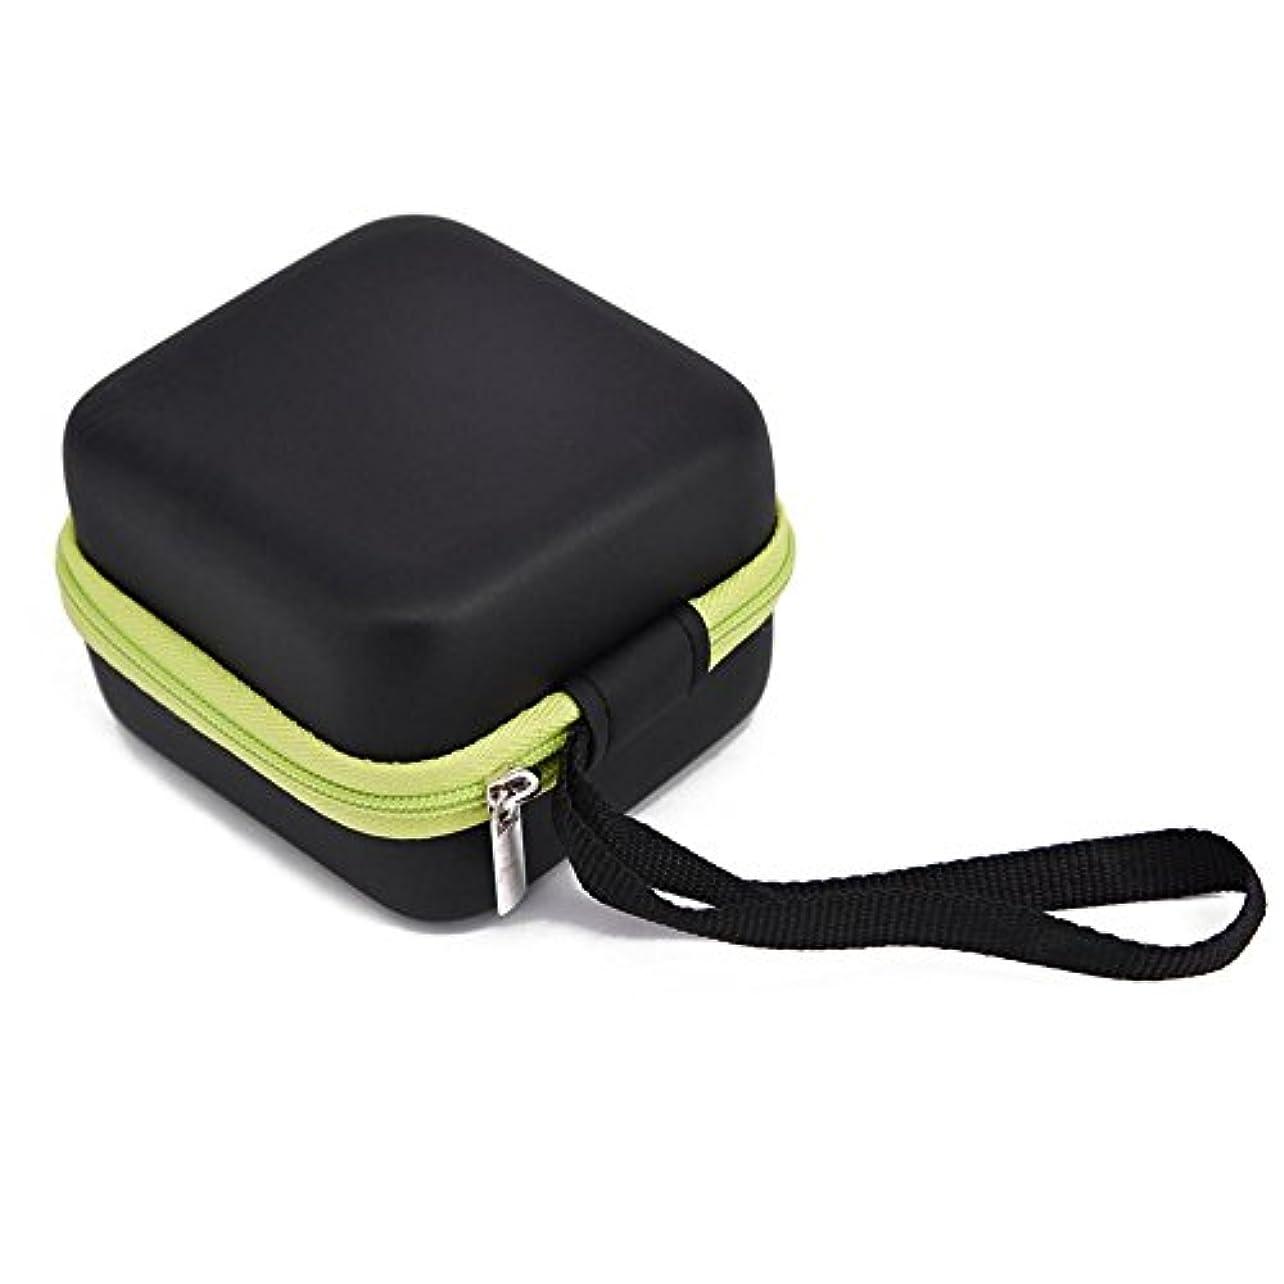 印象的現代のエーカーFarlong 7グリッド 5ML 精油貯蔵袋 エスニックスタイル オイル収納ボックス 人気の 精油 ケース 5色